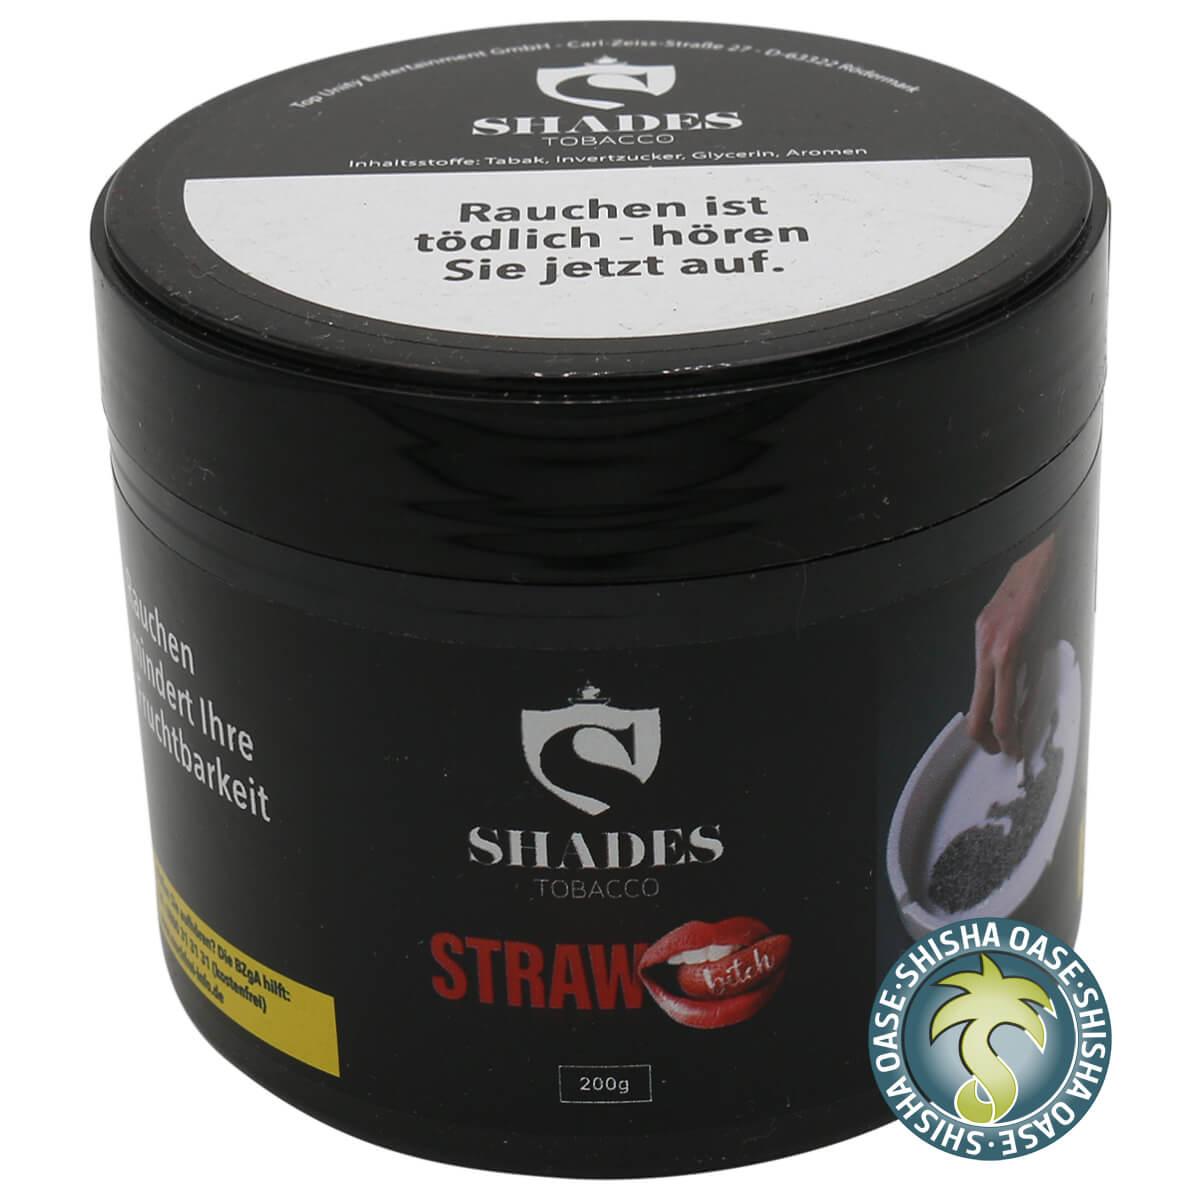 Shades Tabak Strawbitch 200g